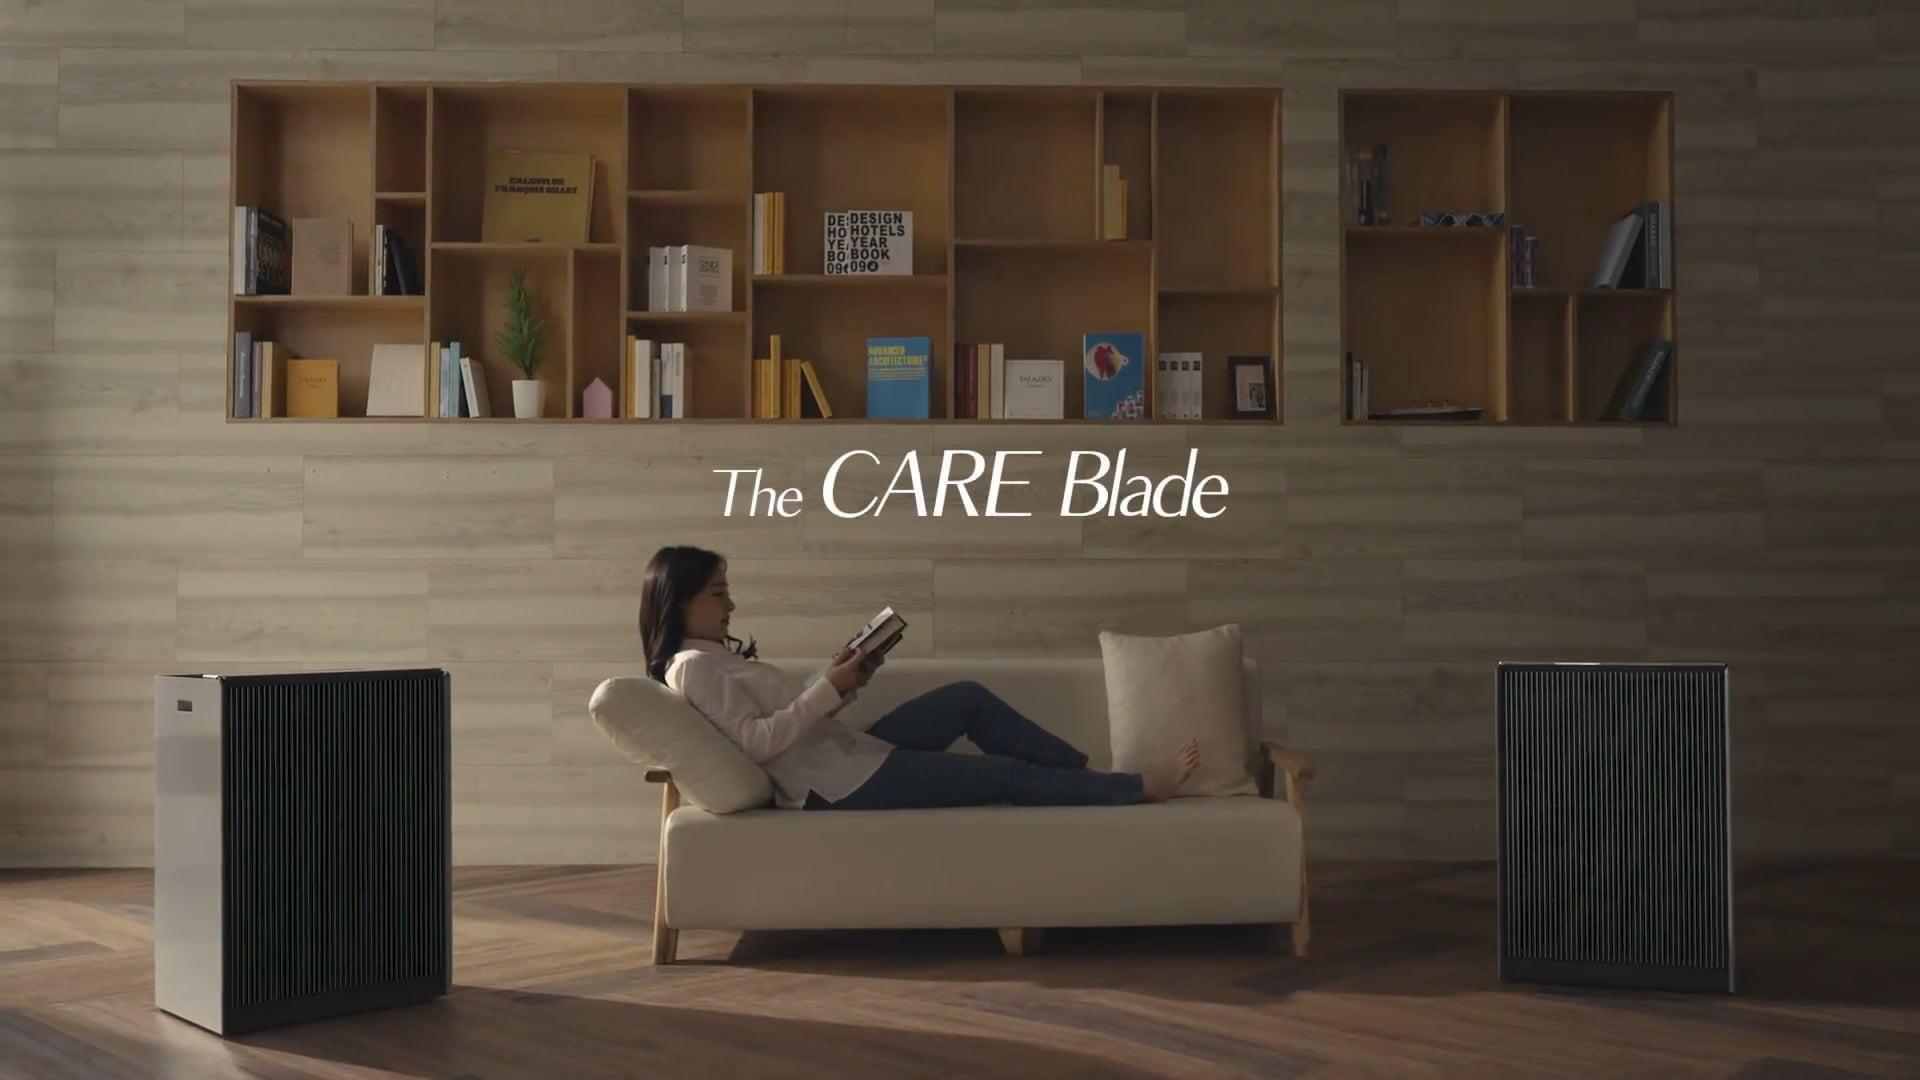 Hyundai Quming - The Care Blade